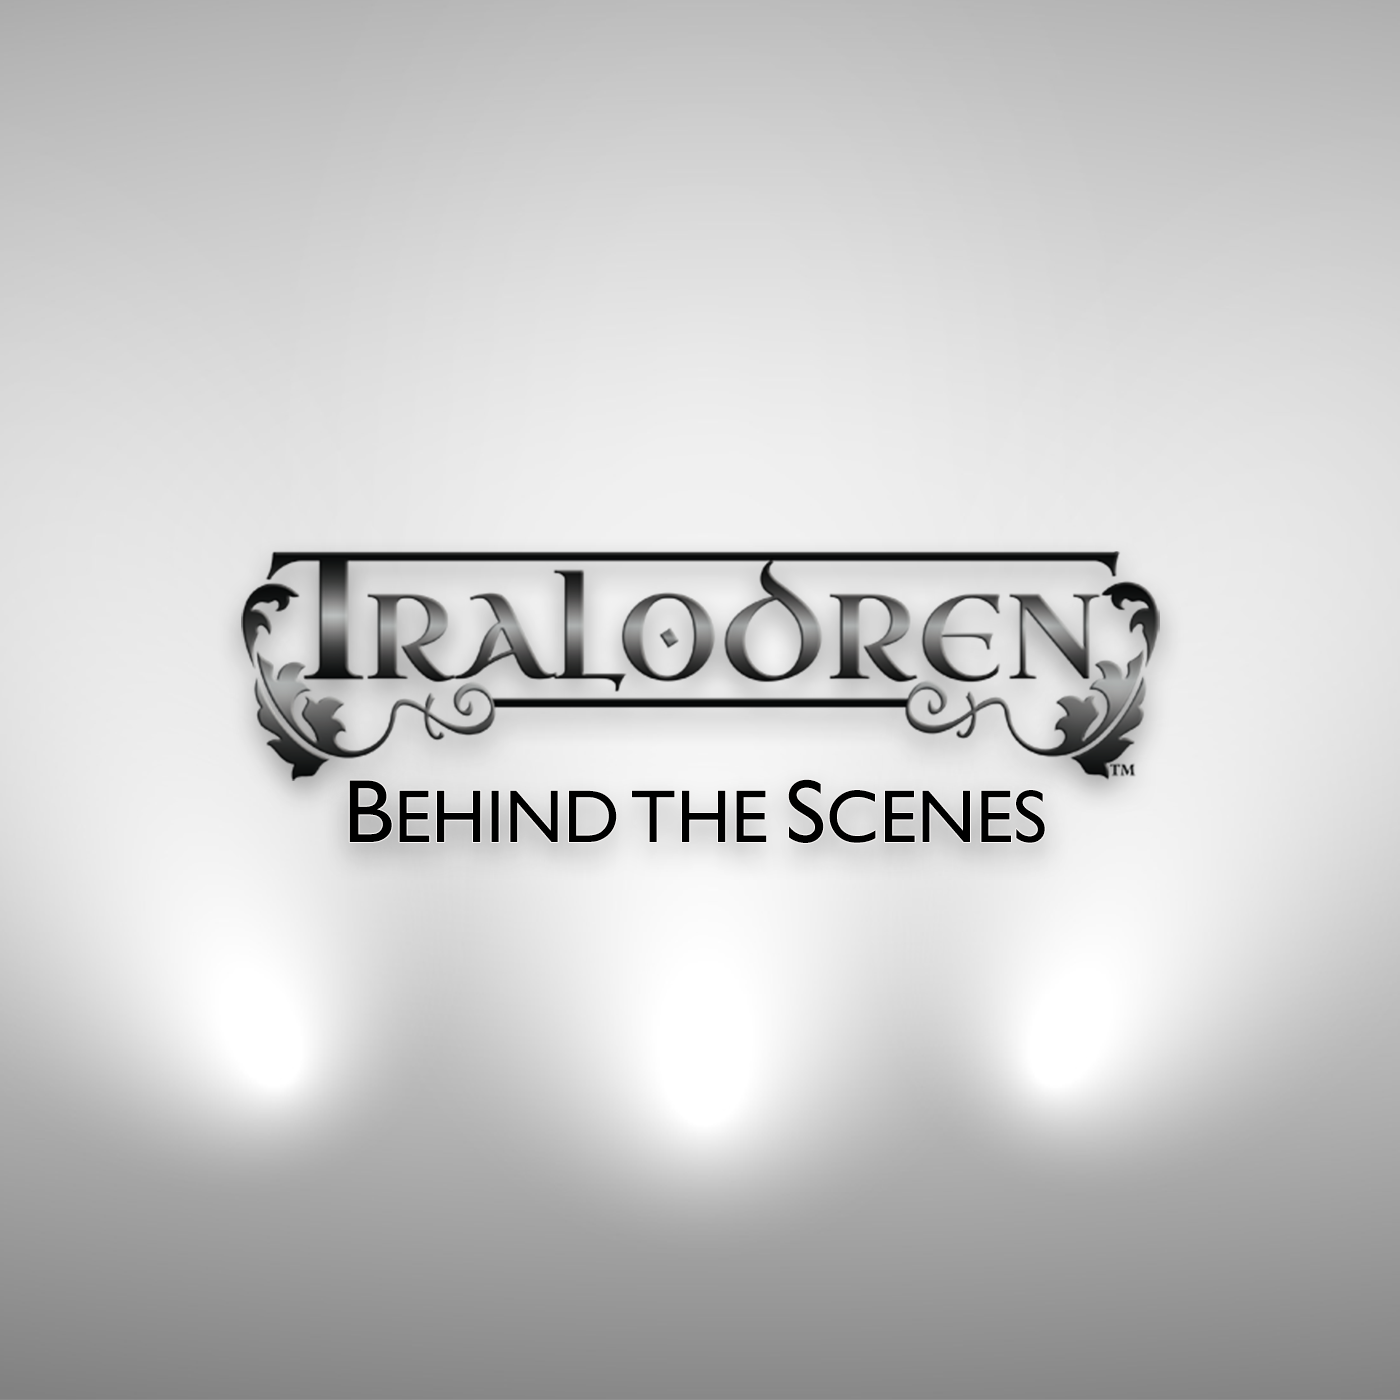 Tralodren: Behind the Scenes